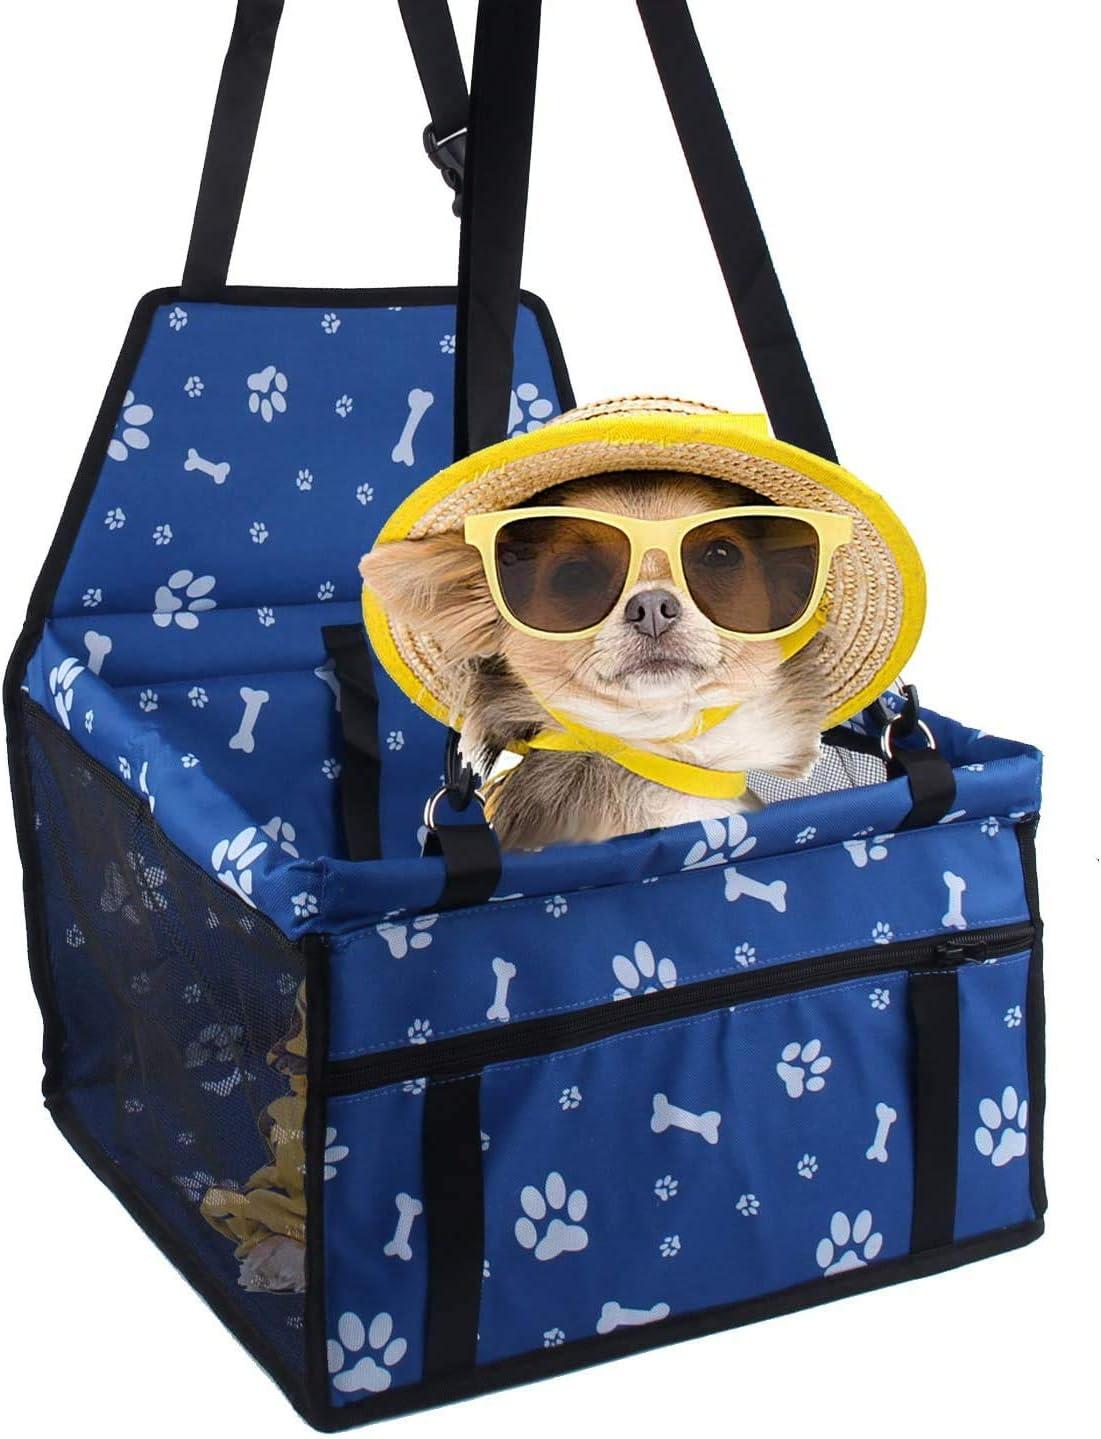 Sinrextraonry Si/ège de voiture pour chien avec laisse de s/écurit/é /à clipser et couverture pour chien Id/éal pour les animaux de petite et moyenne taille Bleu avec empreintes de pattes